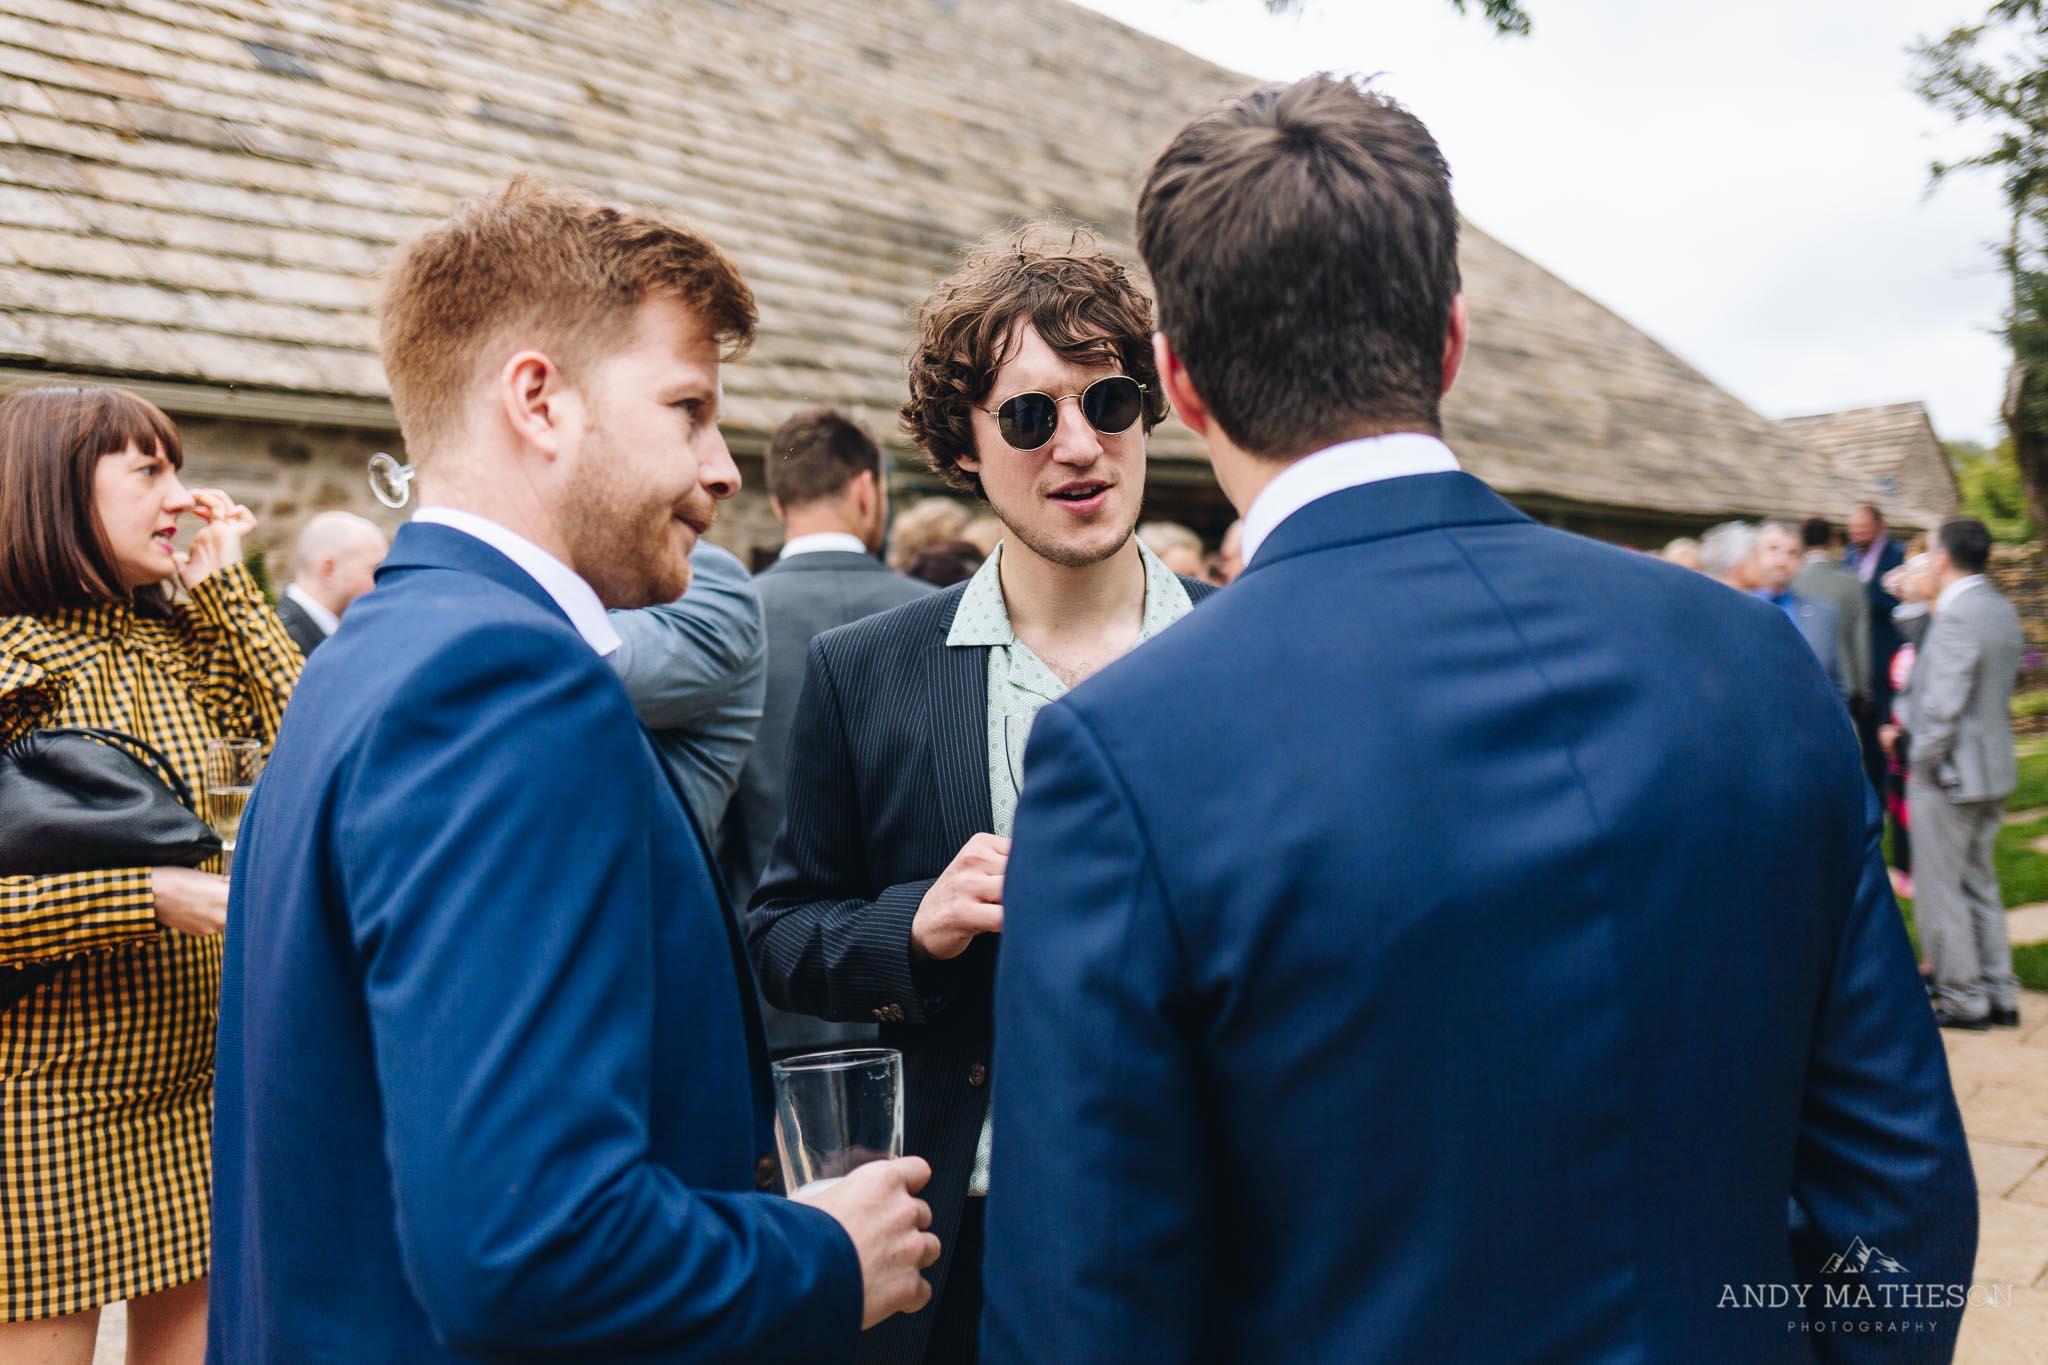 Tithe Barn Bolton Abbey Wedding Photographer_Andy Matheson_048.jpg